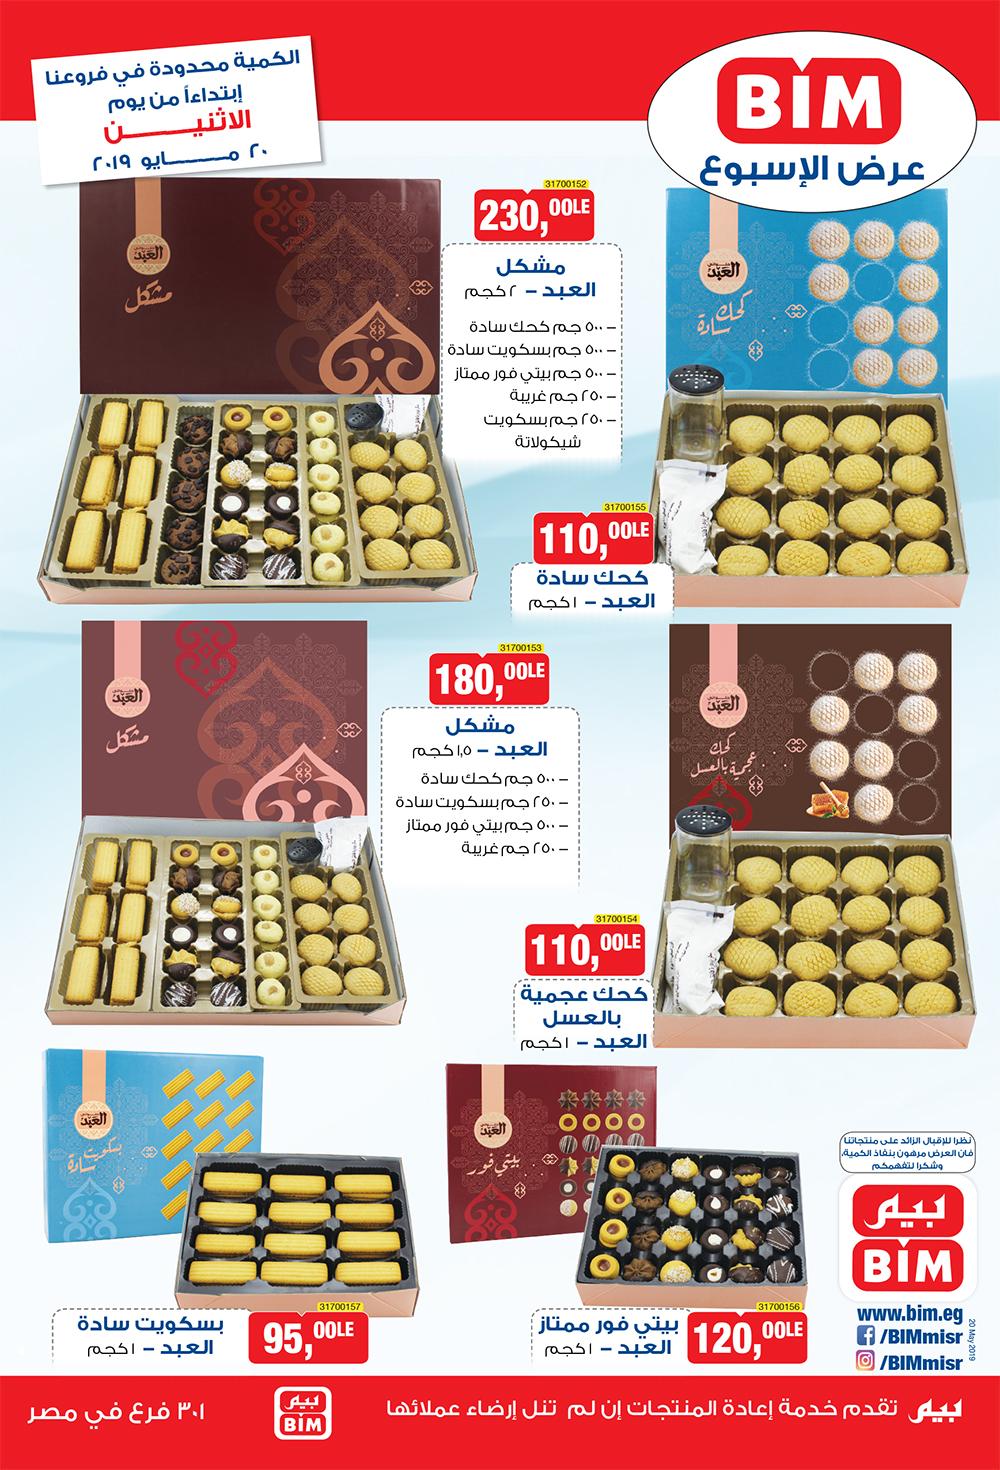 اسعار كحك العيد 2019 فى بيم ماركت